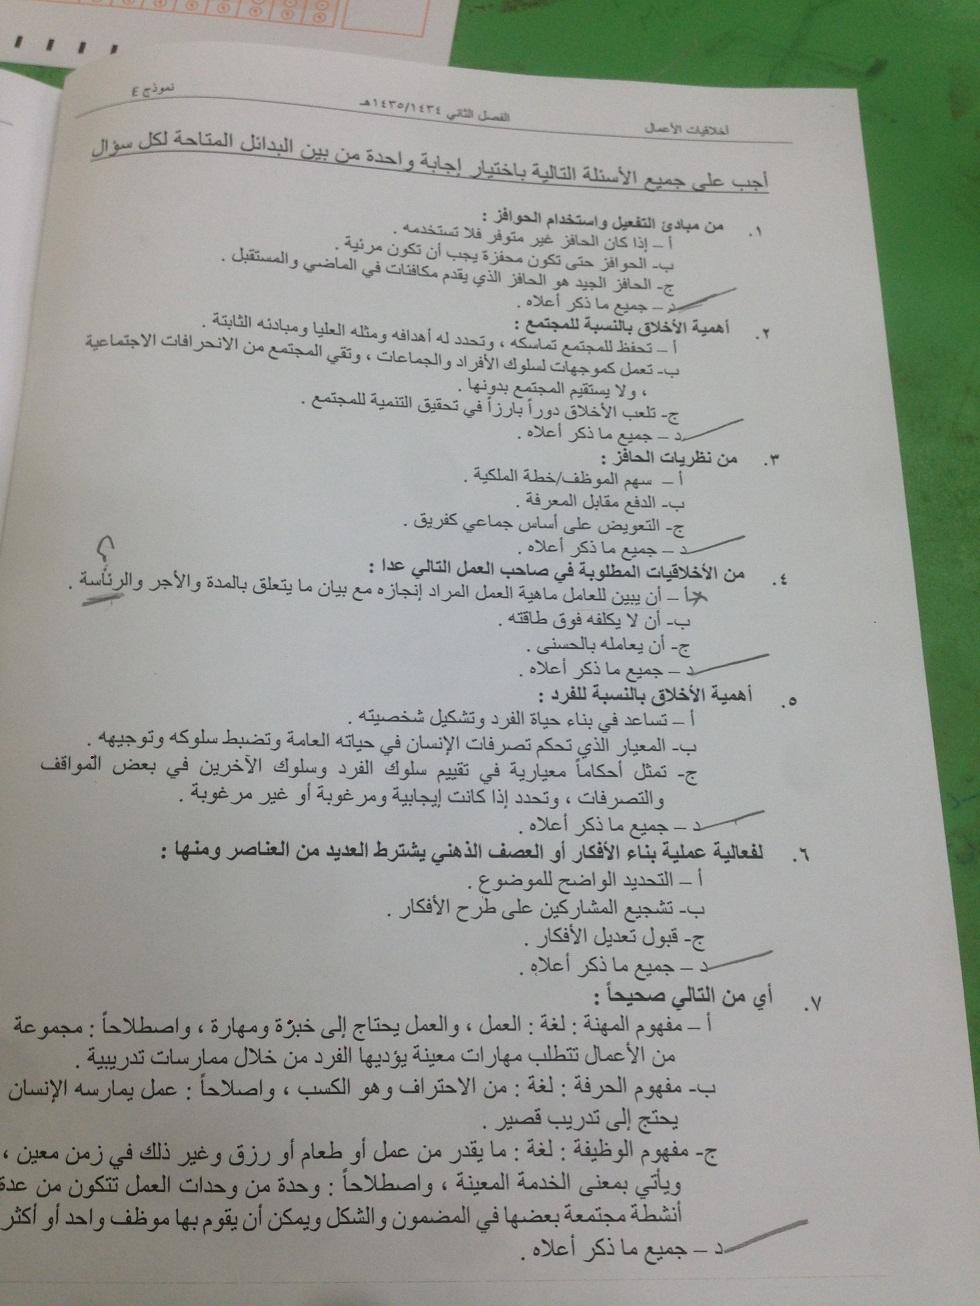 اسئلة اختبار مادة أخلاقيات الأعمال جامعة الملك فيصل انتساب 2550.jpg